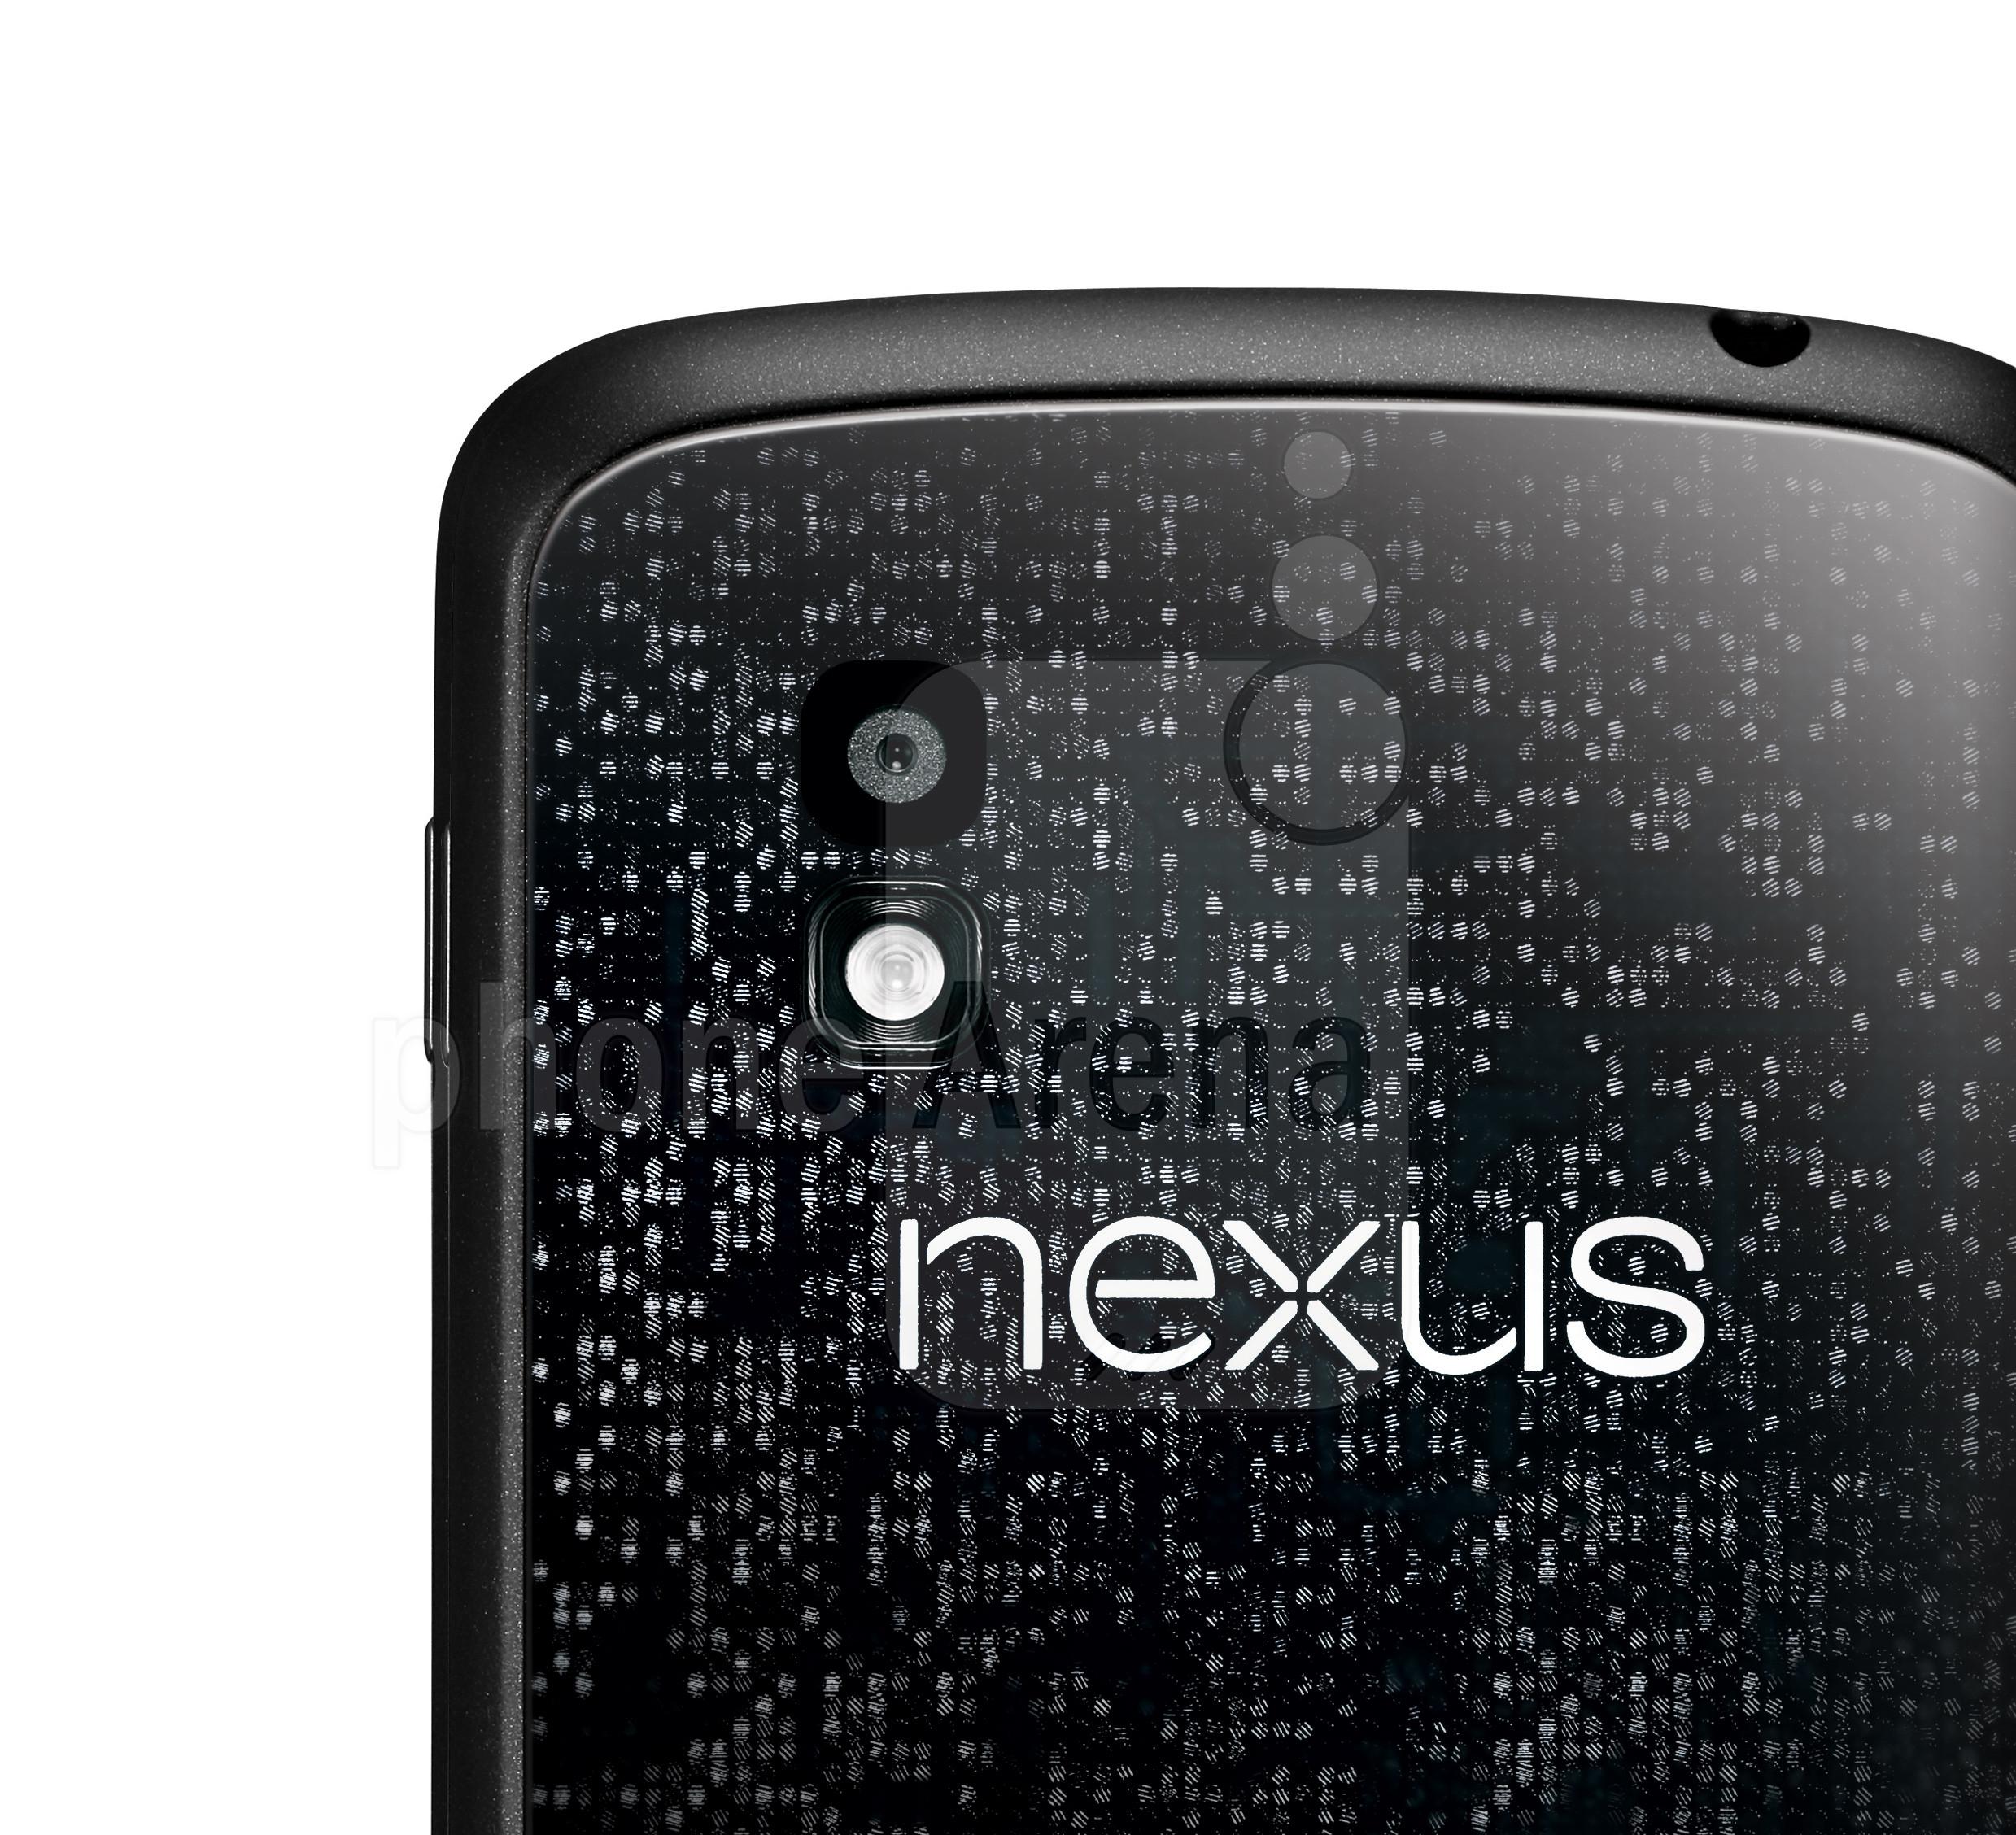 LG-Nexus-4-add2